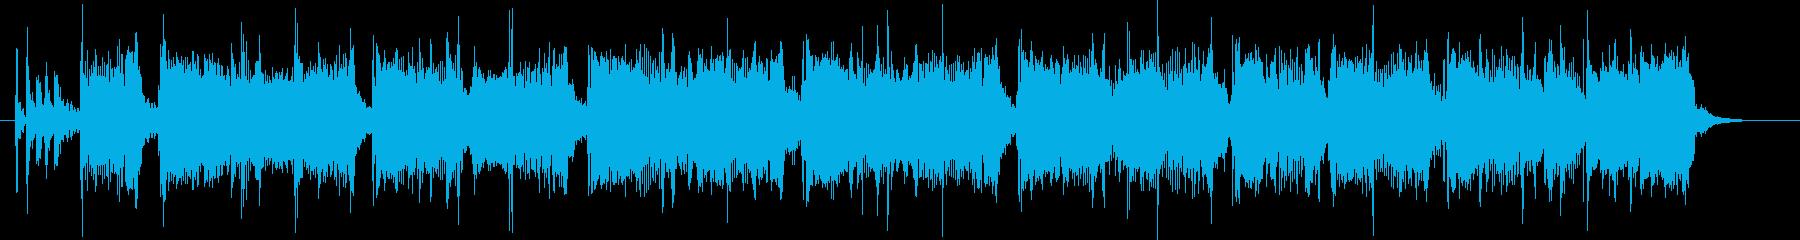 ジングル;ファンキーなR&Rギターのリフの再生済みの波形